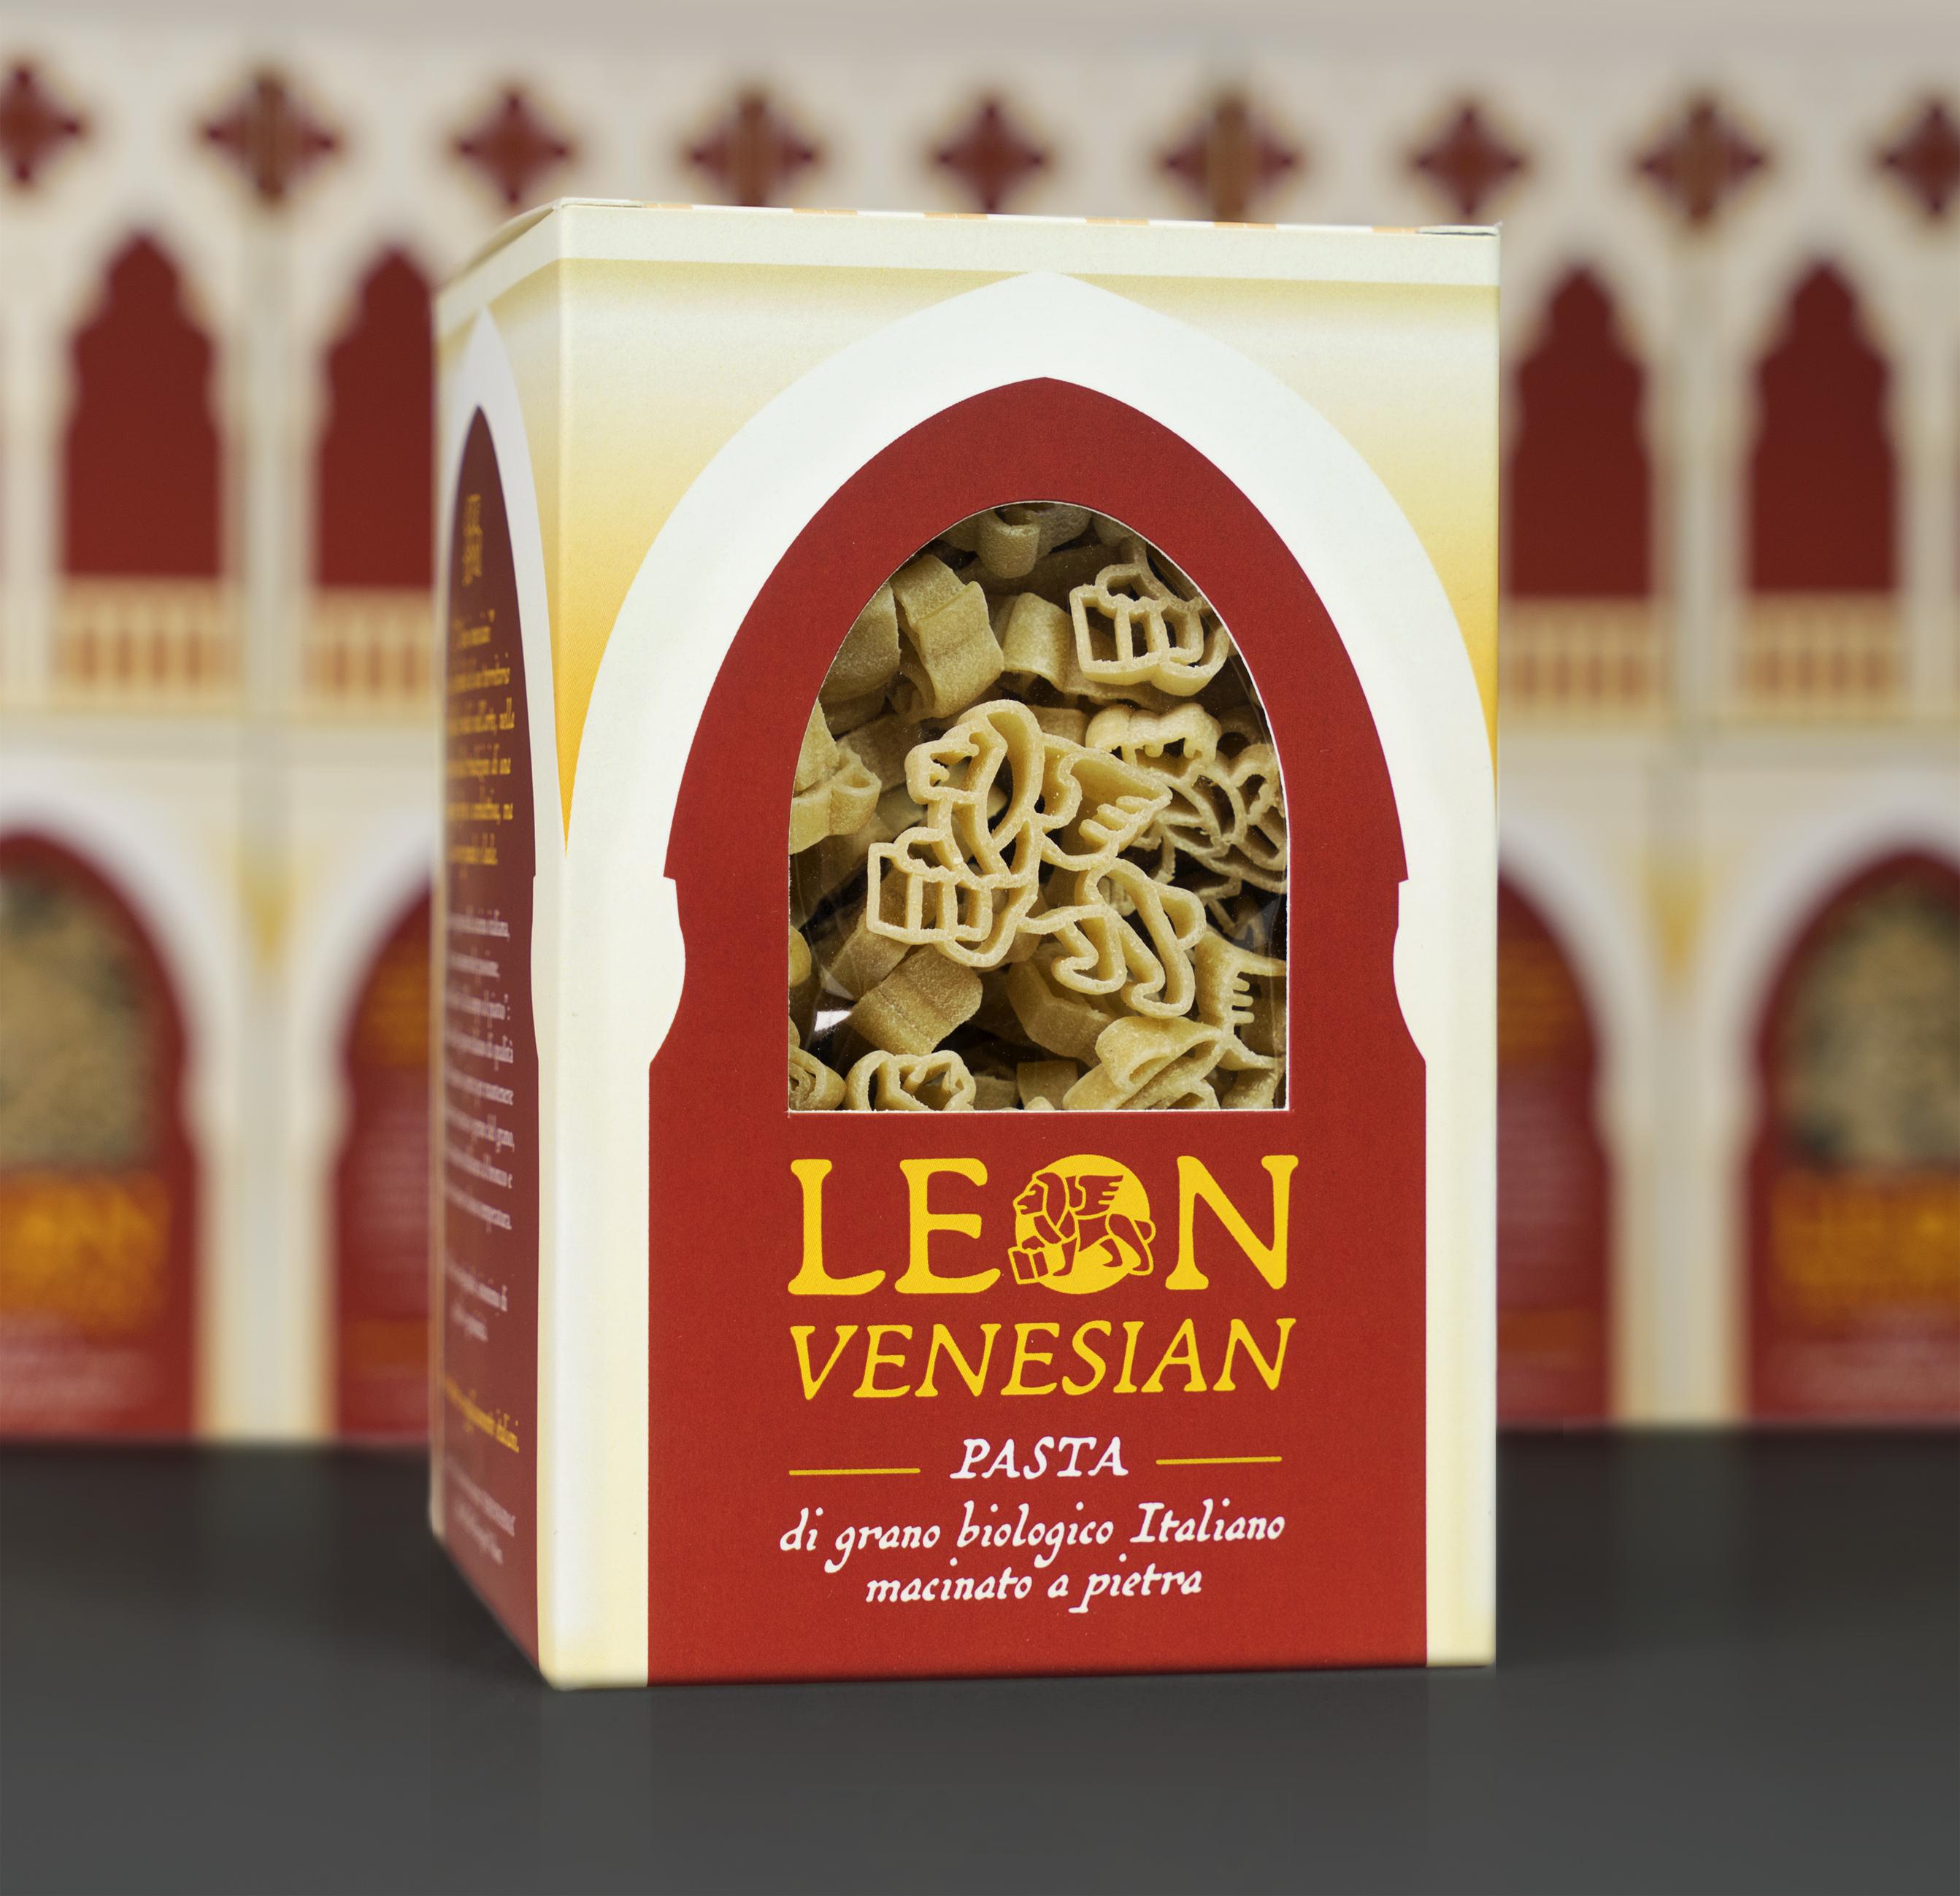 visvita leon venesian pasta leone venezia pasta padova pastificio veneto gatte vicentine